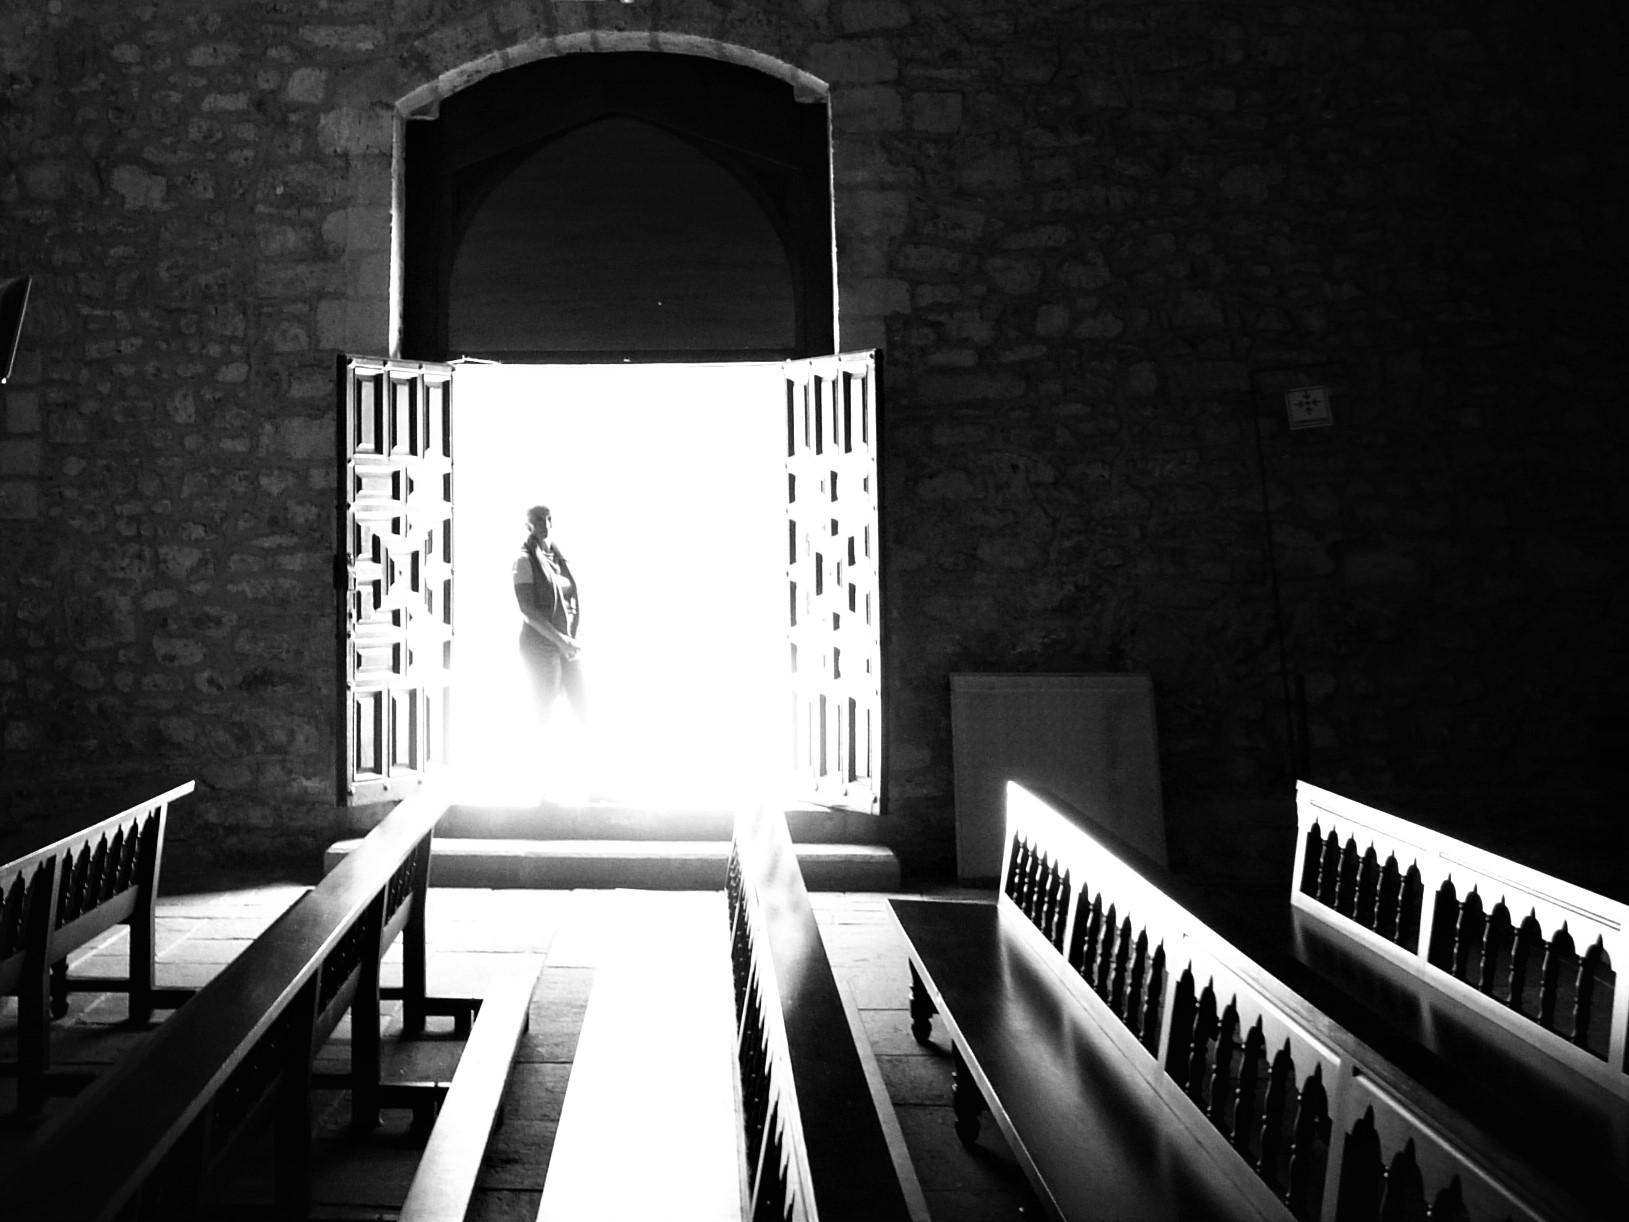 extraña presencia en la puerta de una iglesia de asturias